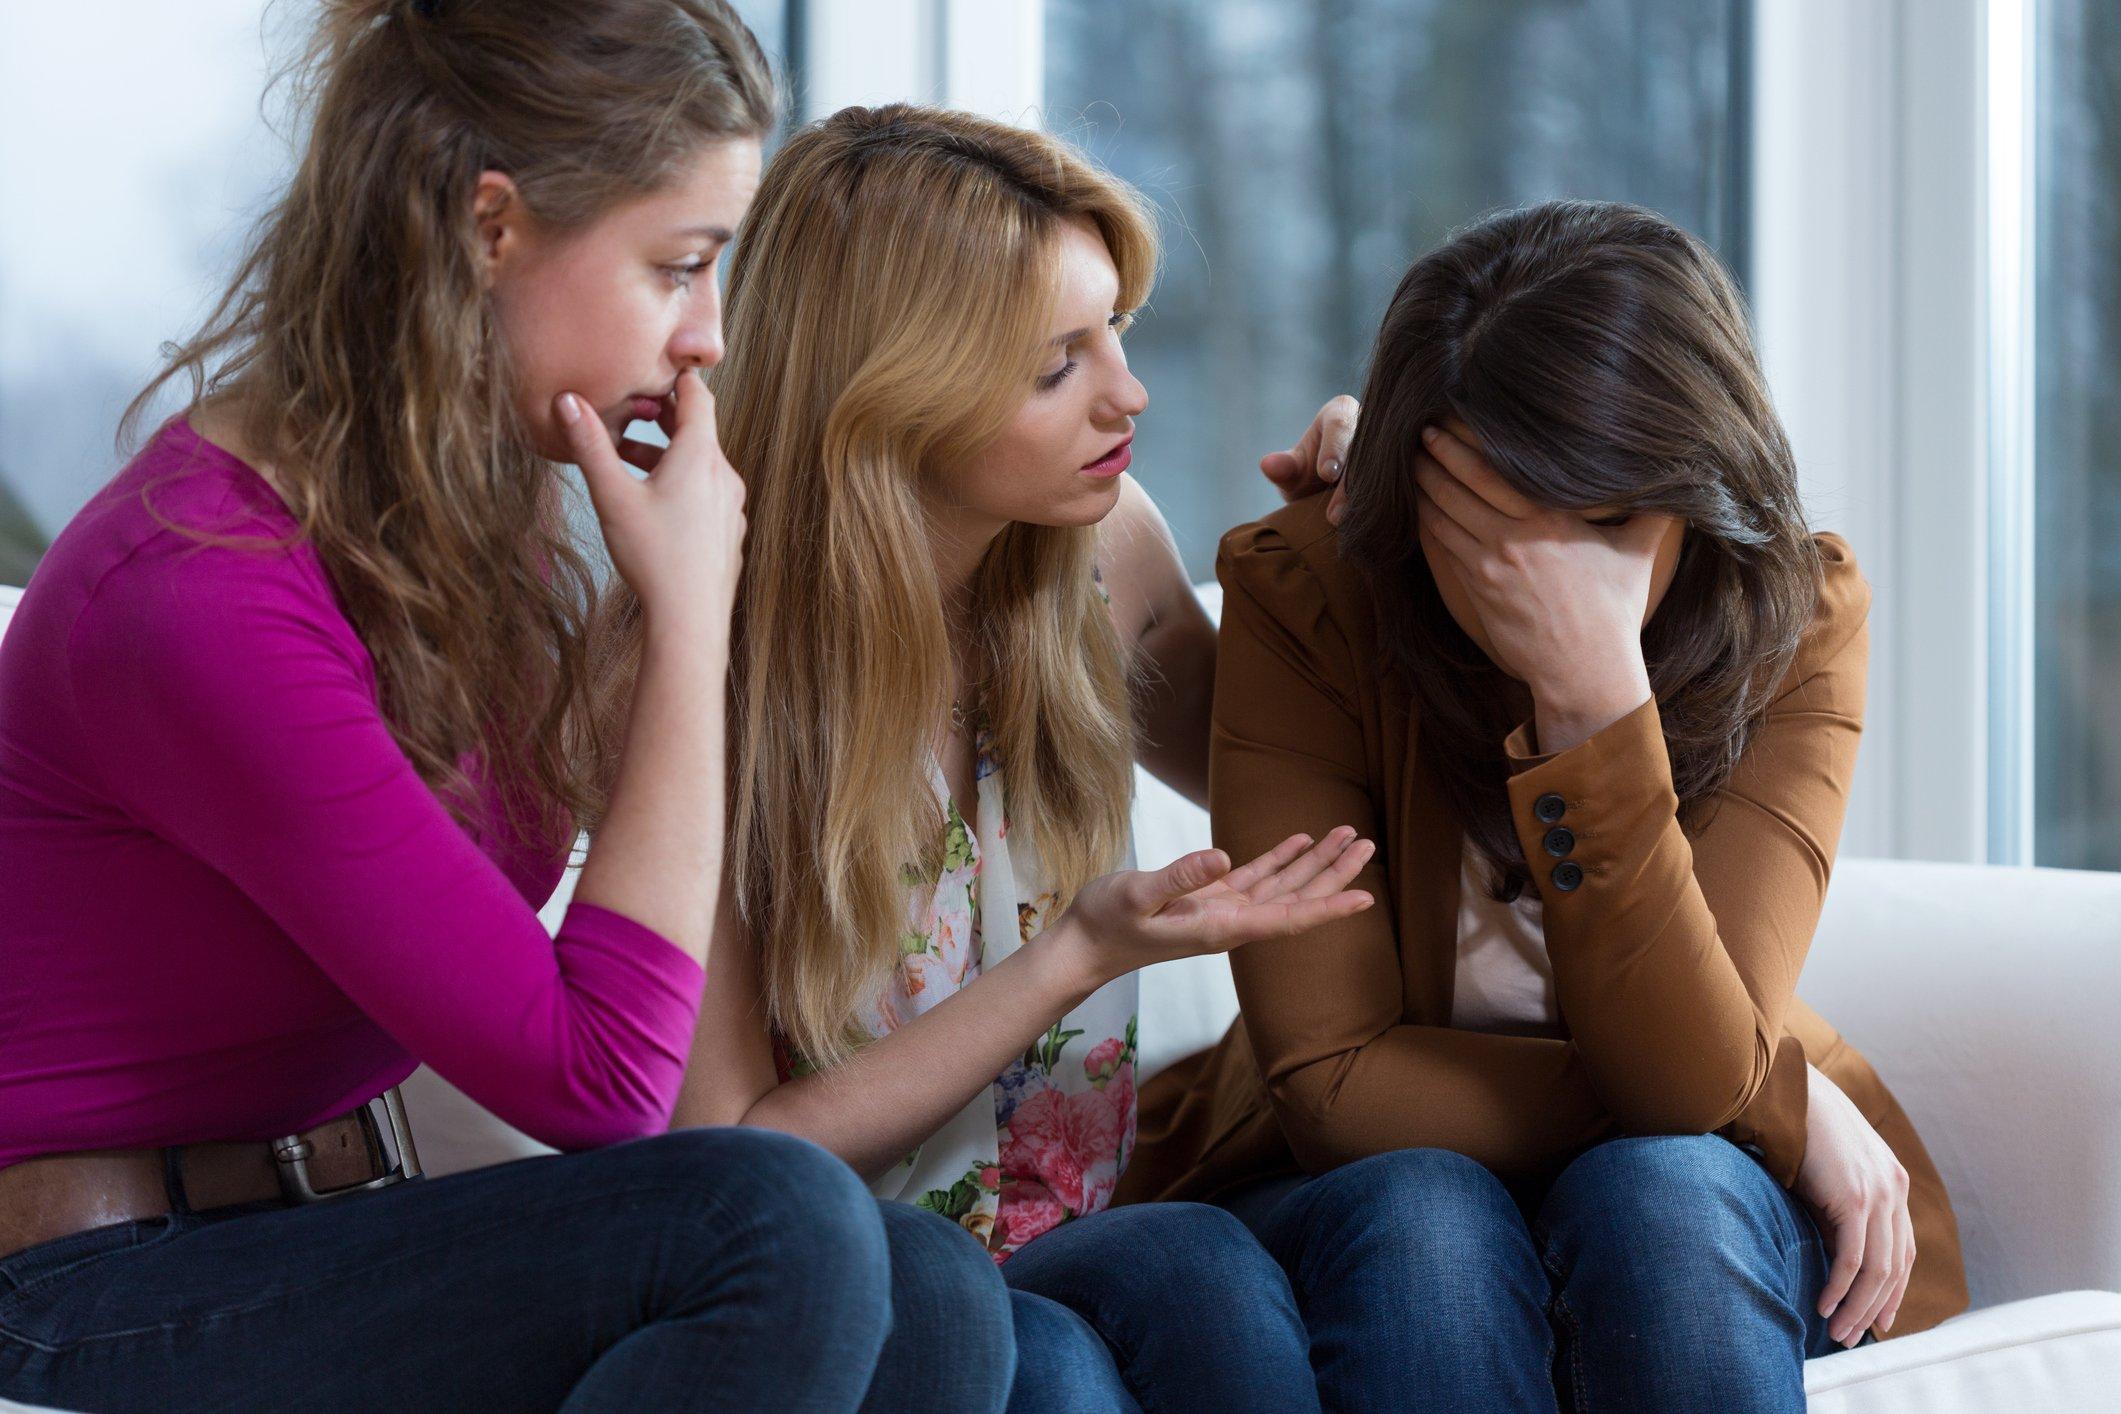 Gute Freunde können am besten über Liebeskummer hinweg trösten.